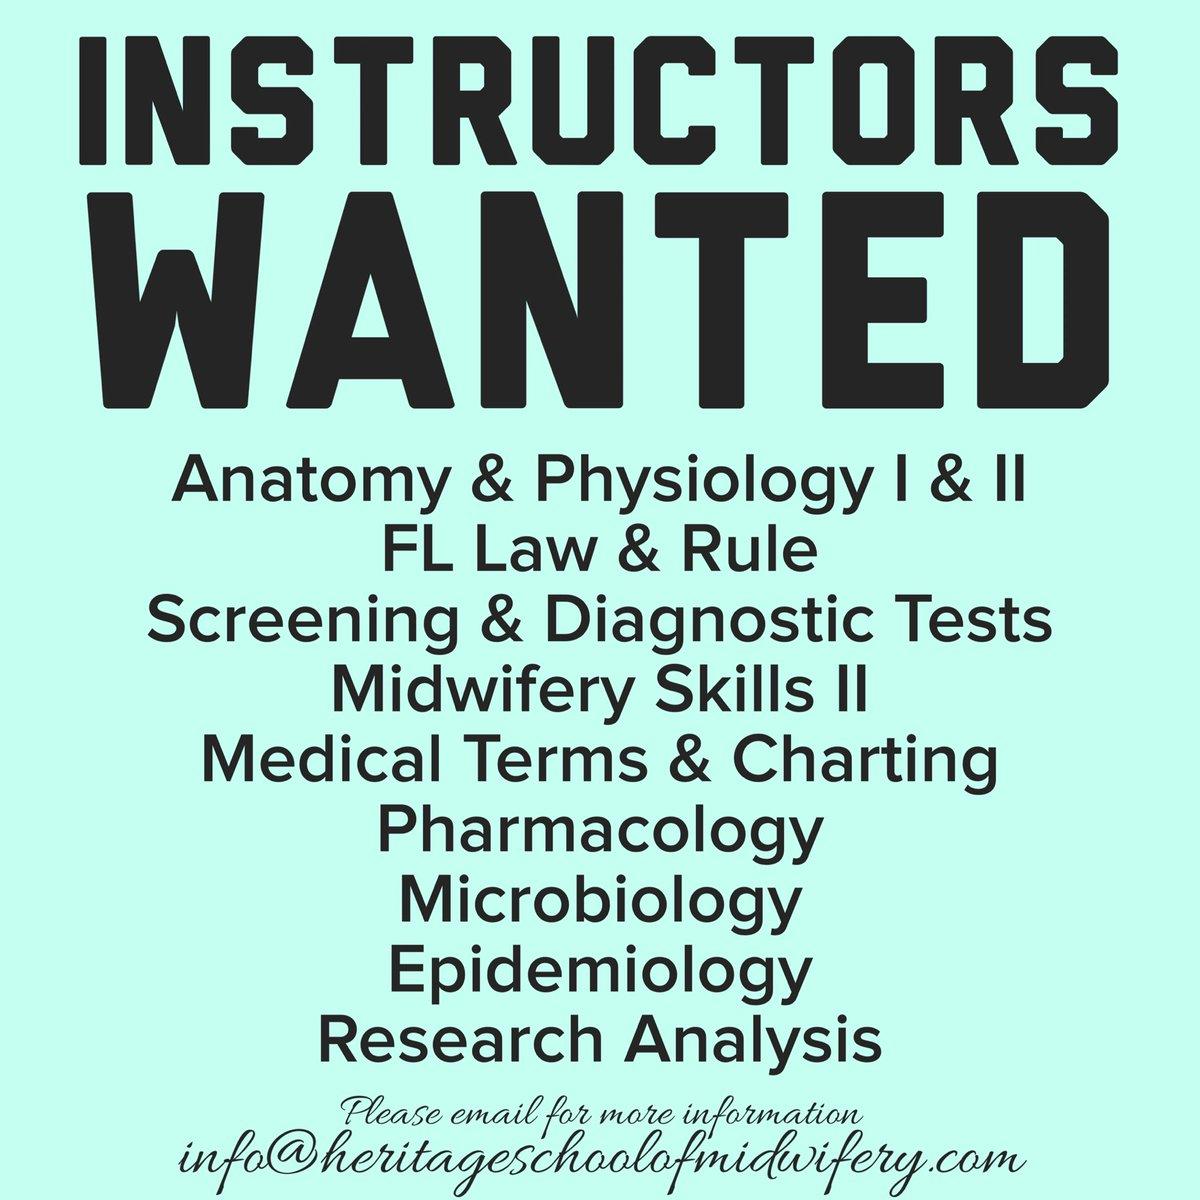 Heritage School of Midwifery (@FL_CPM_School) | Twitter